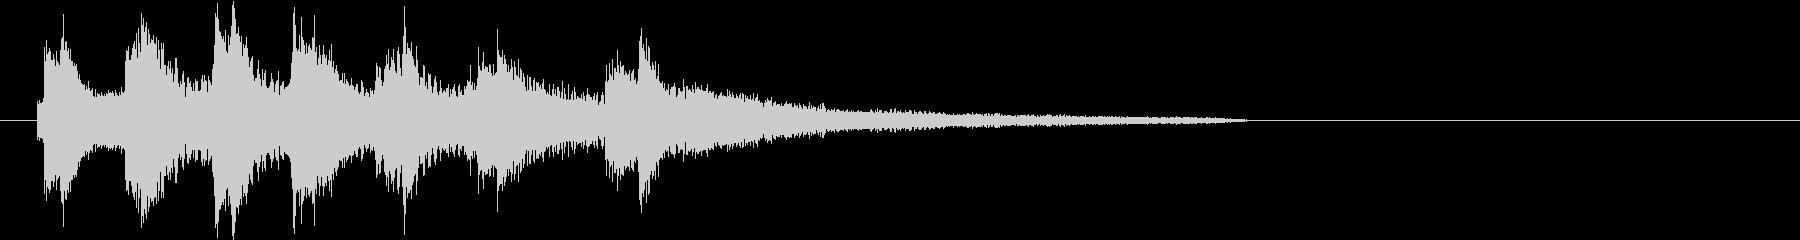 生演奏:高音で囁くような優しいピアノの未再生の波形